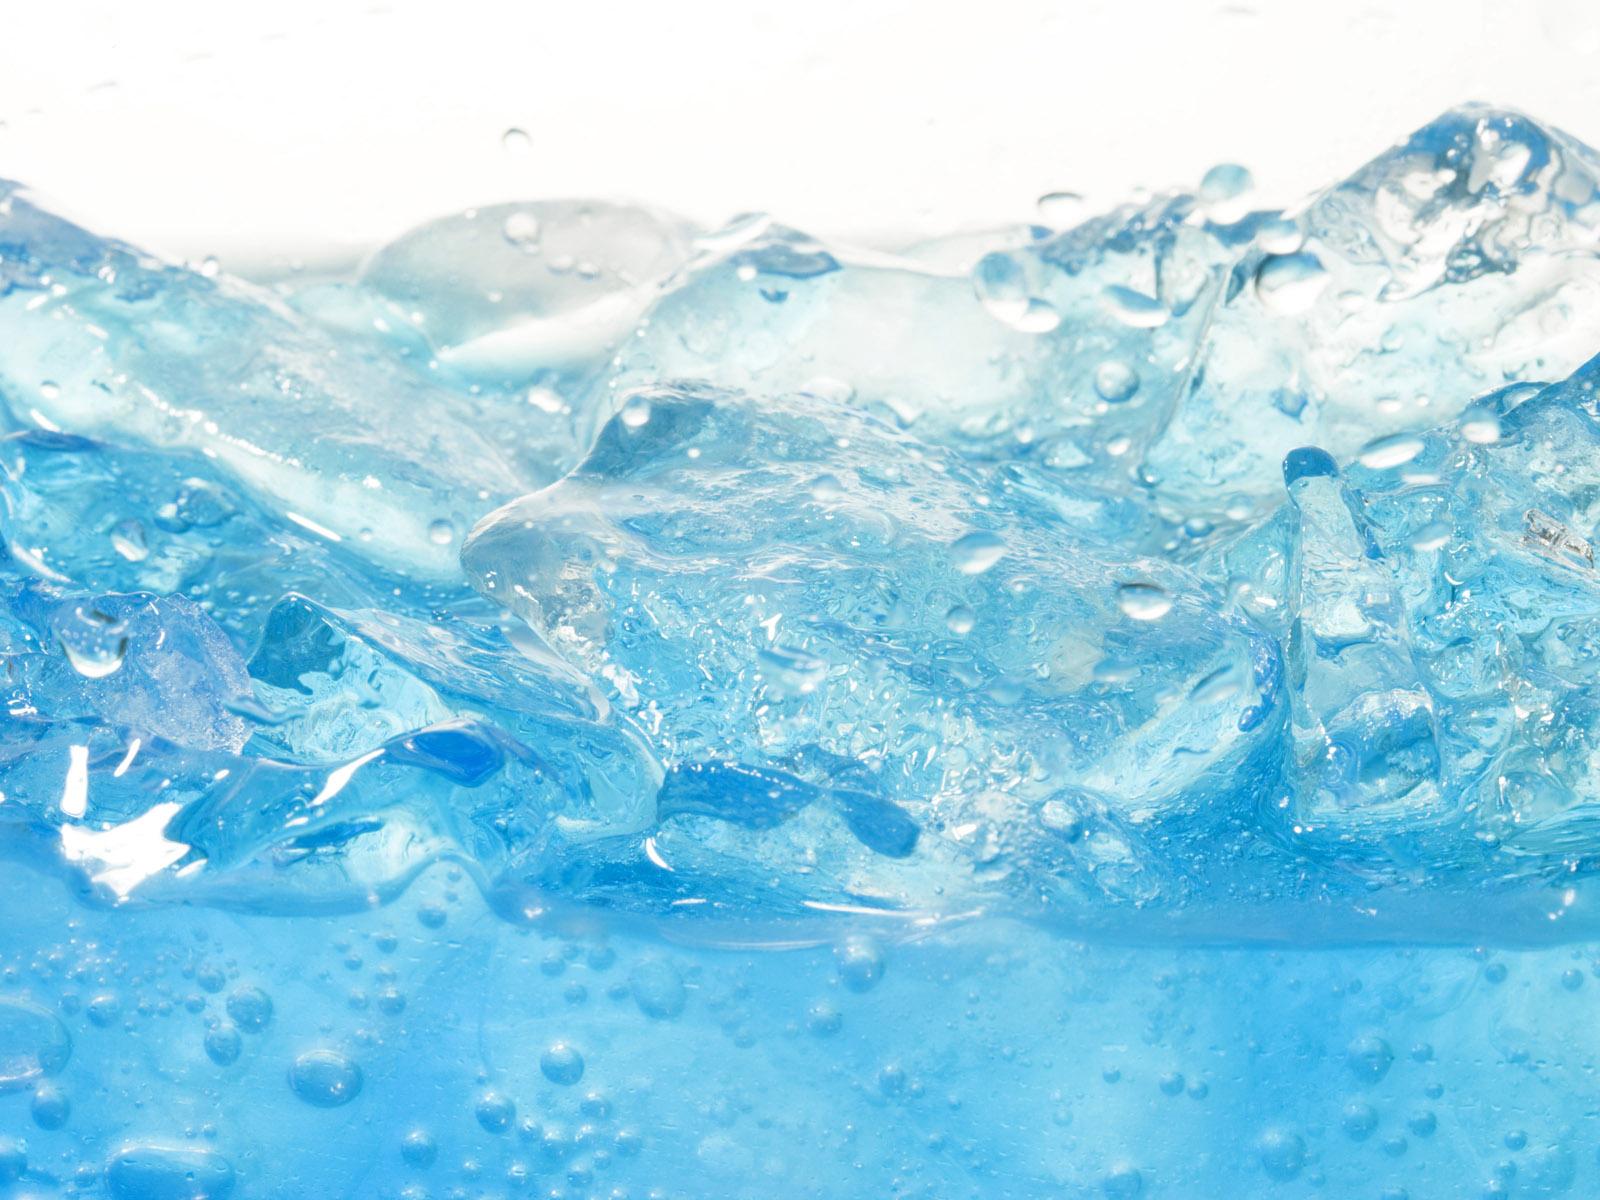 http://1.bp.blogspot.com/-BKLfogAMxxU/TkwbuNhB3bI/AAAAAAAADis/oFmWfSCJ9Bw/s1600/ice+wallpaper+hd+3.jpg